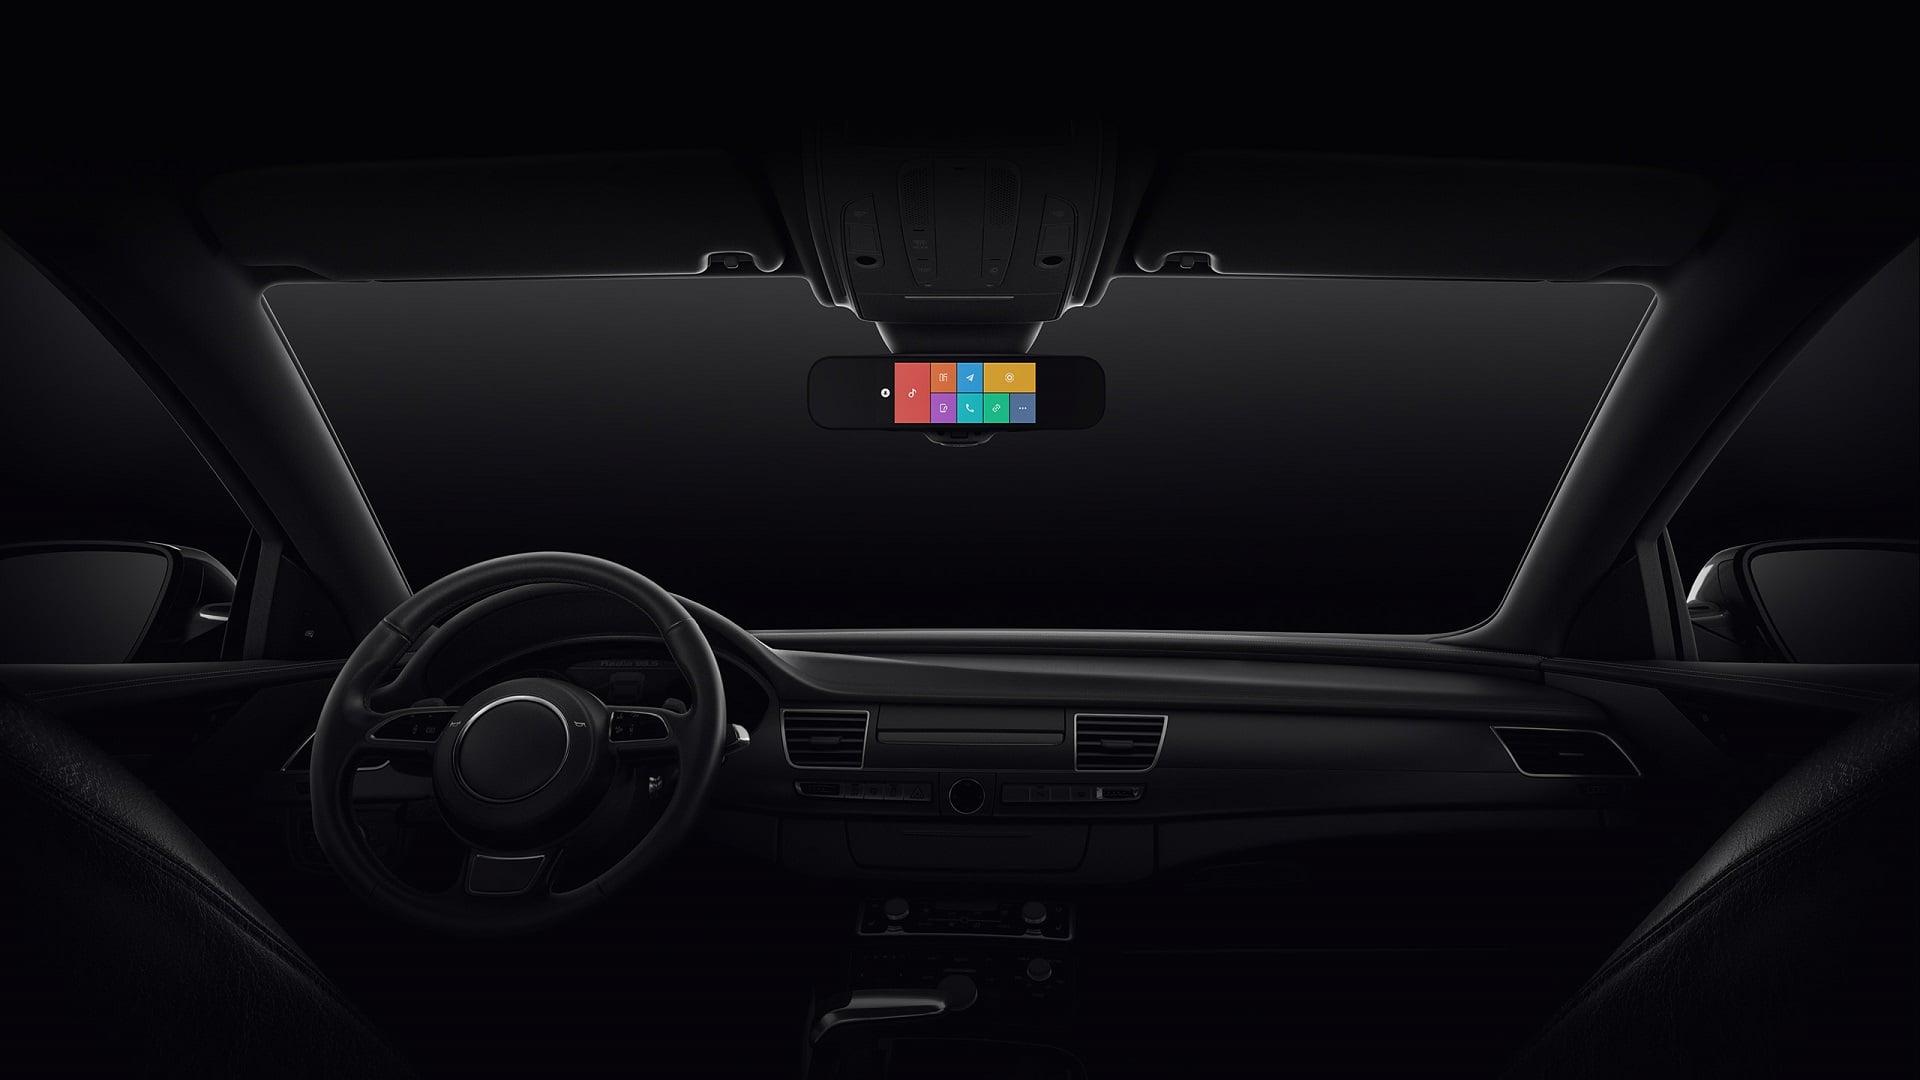 Inteligentne lusterko wsteczne od Xiaomi? Proszę bardzo! Oto Xiaomi Mi Smart Rearview Mirror 17